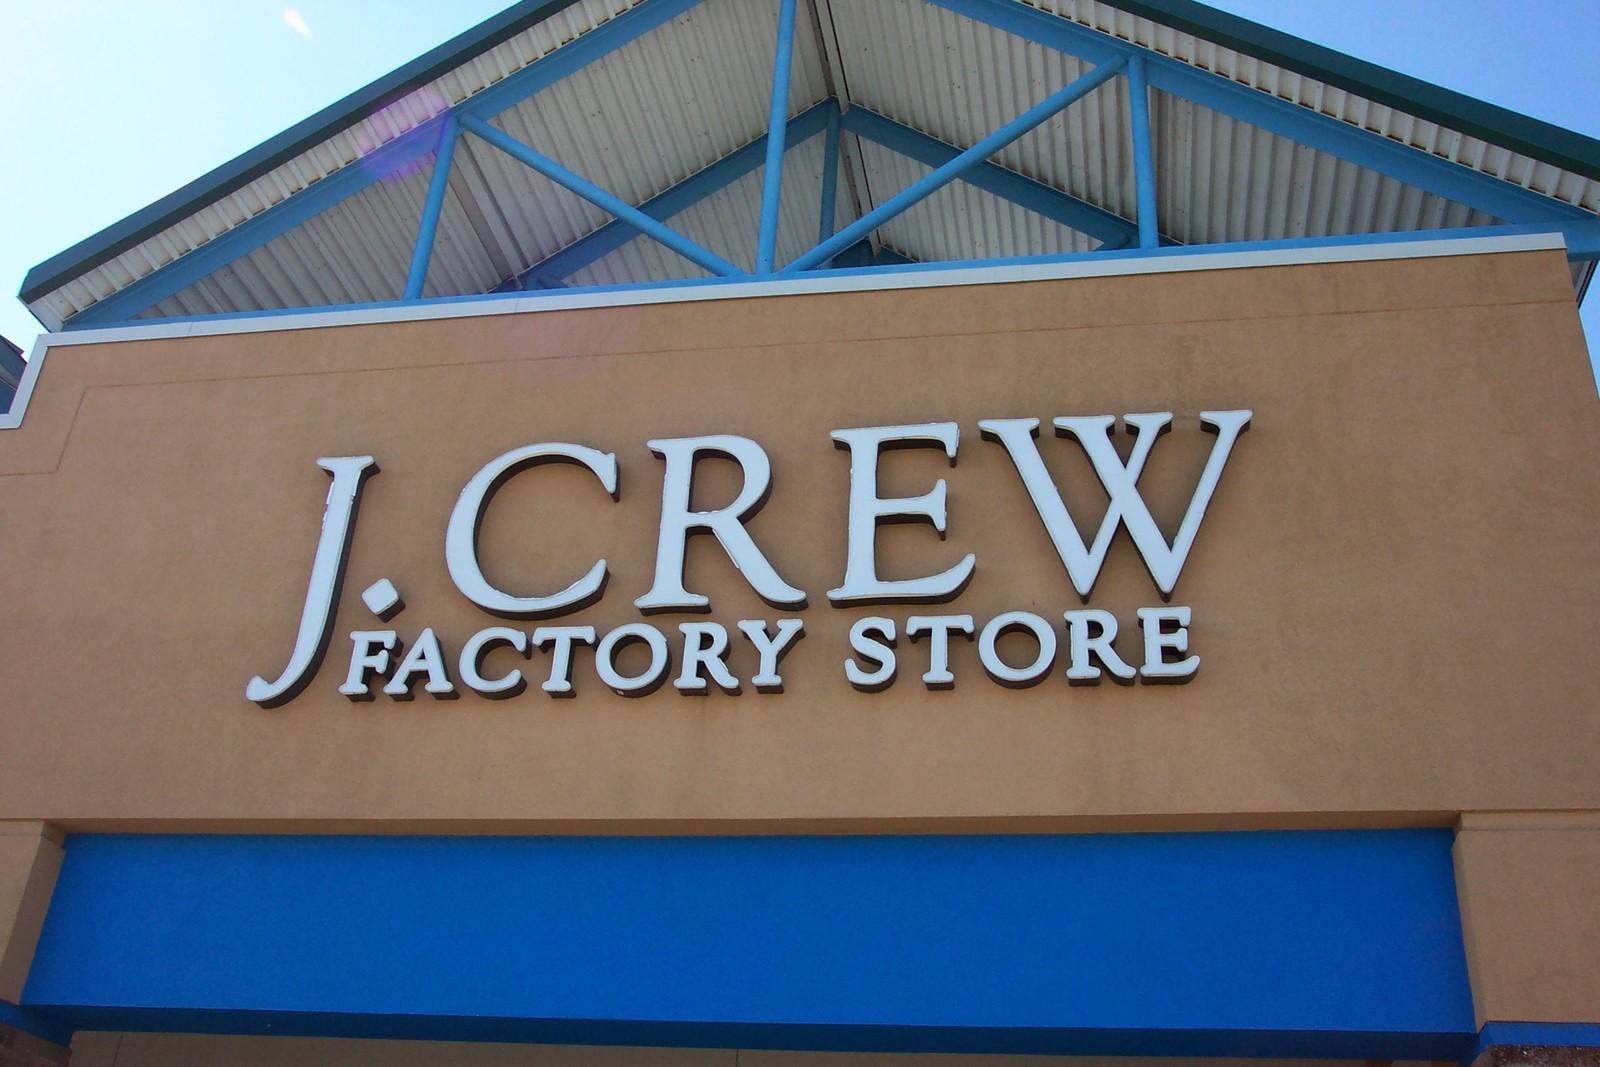 《除了奥特莱斯,还有哪些工厂折扣直销店?》